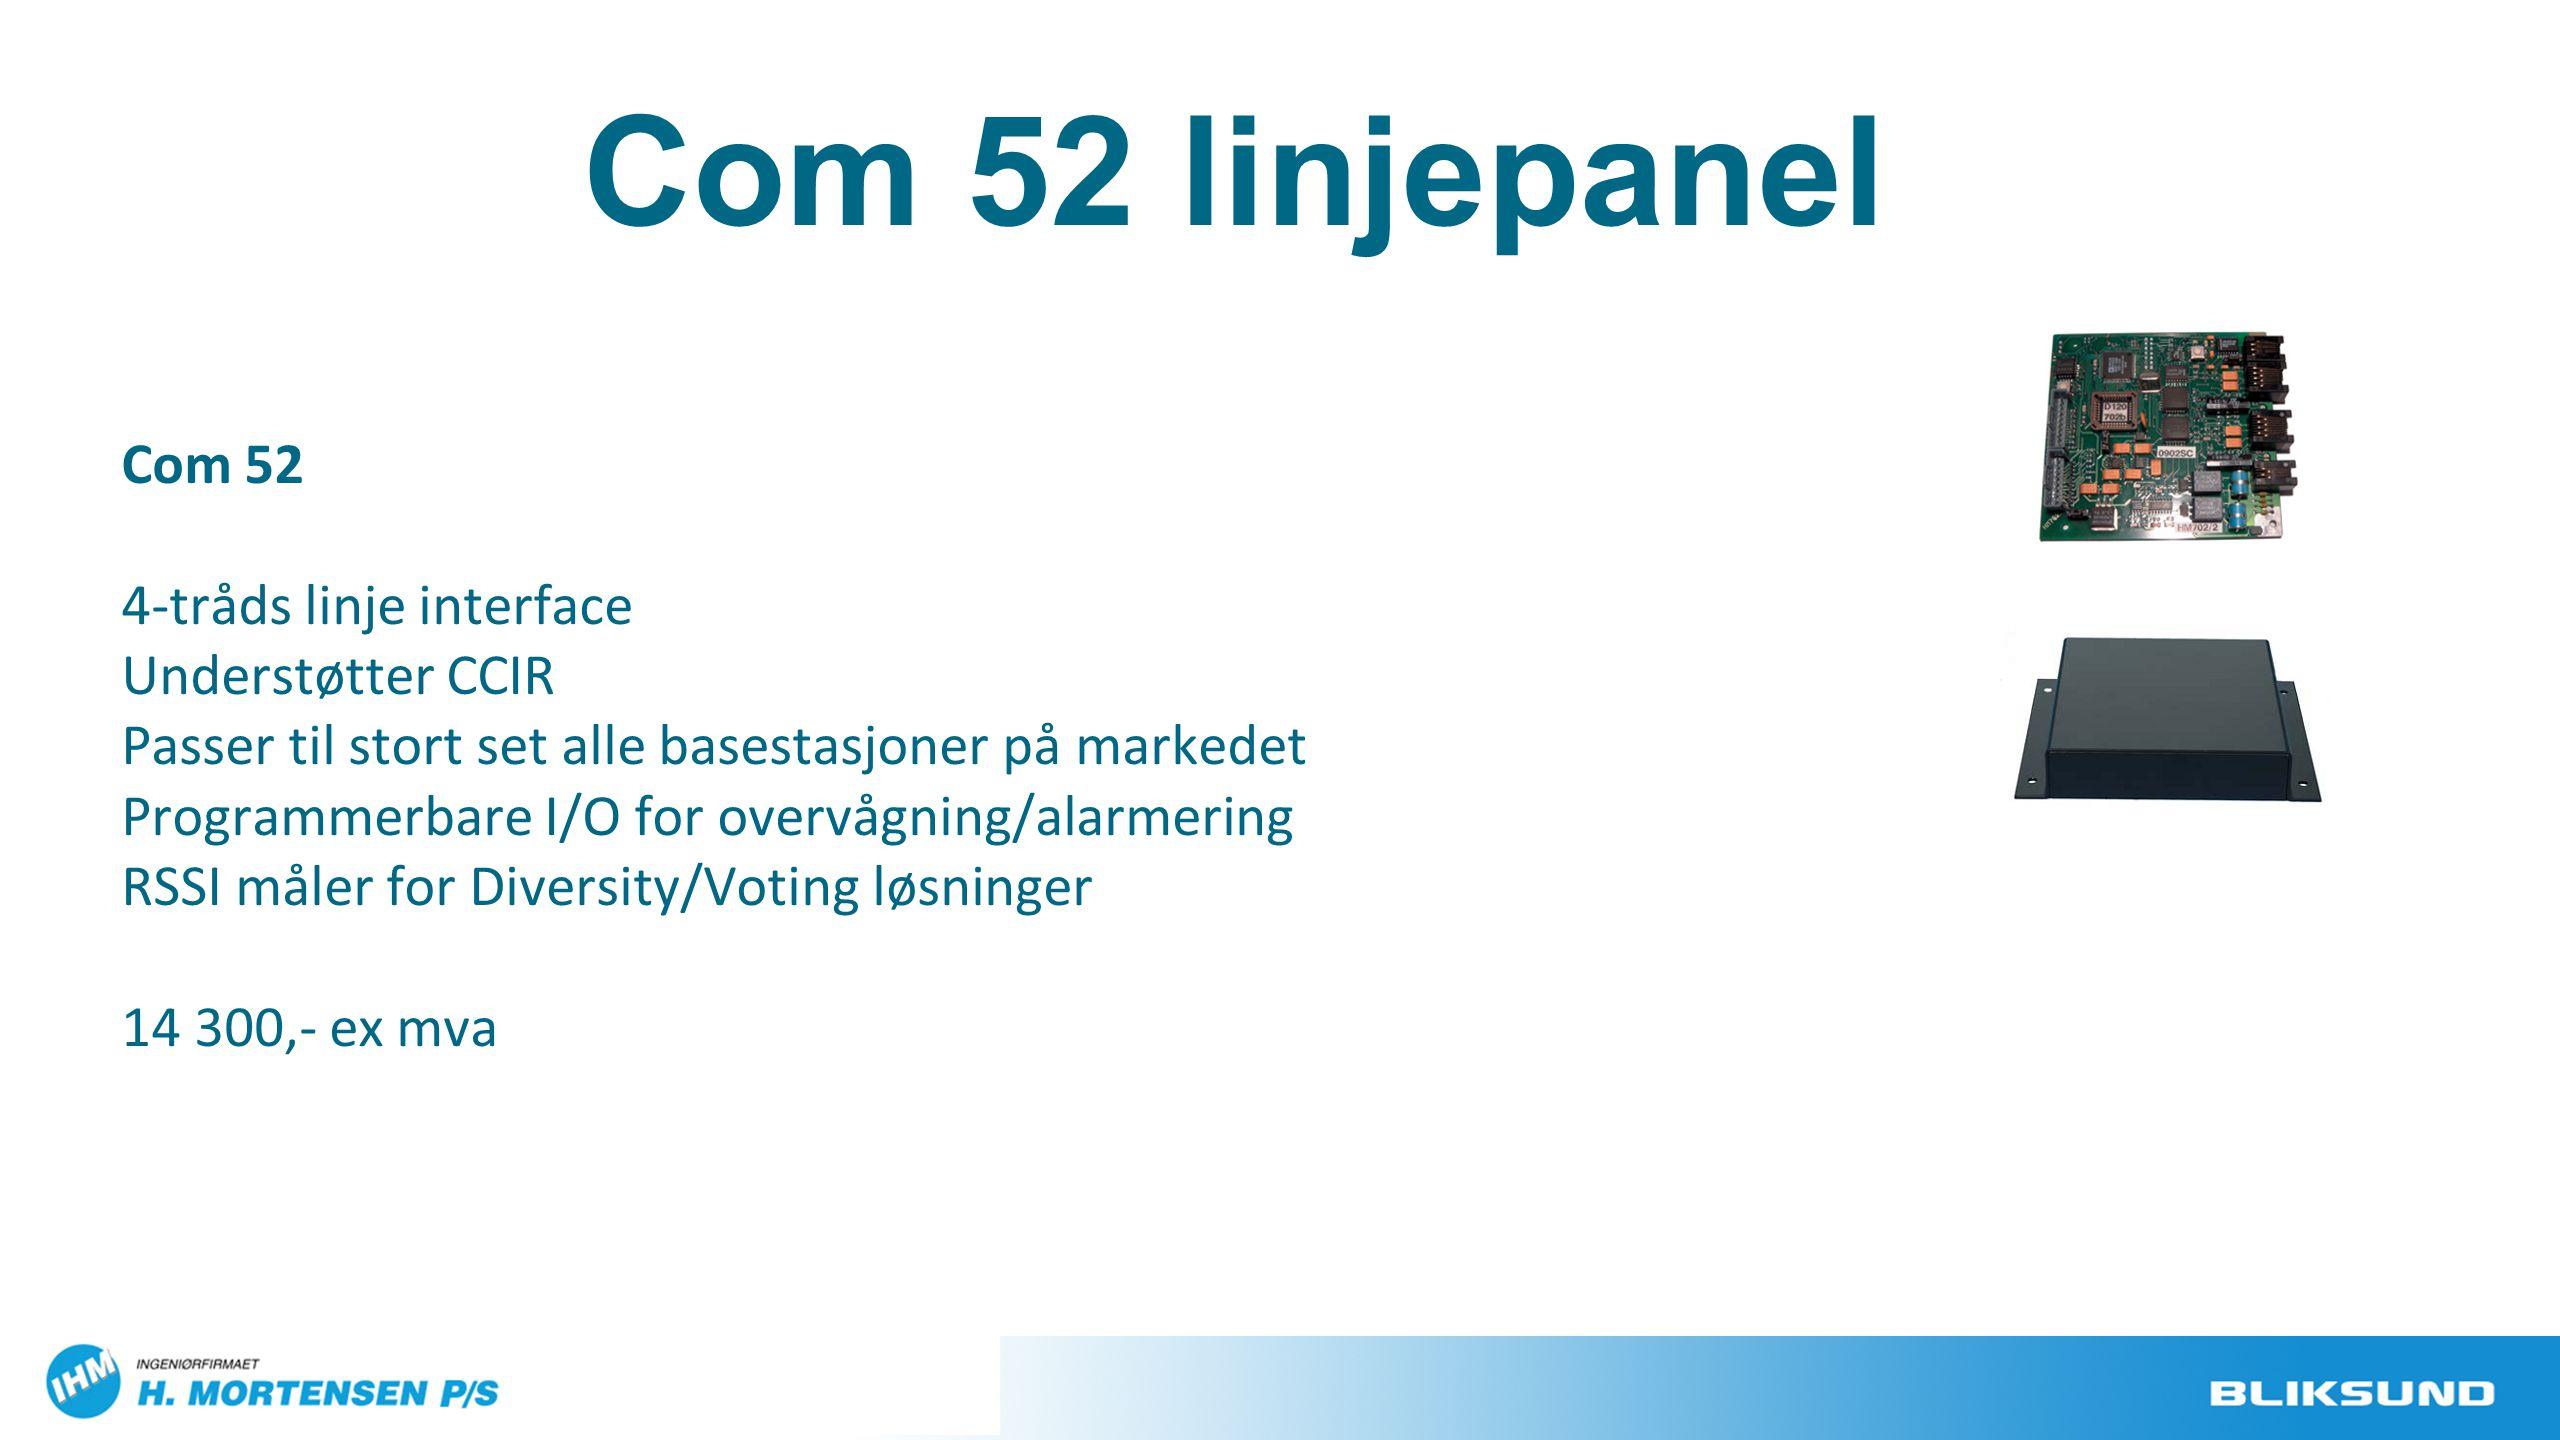 Com 52 4-tråds linje interface Understøtter CCIR Passer til stort set alle basestasjoner på markedet Programmerbare I/O for overvågning/alarmering RSS